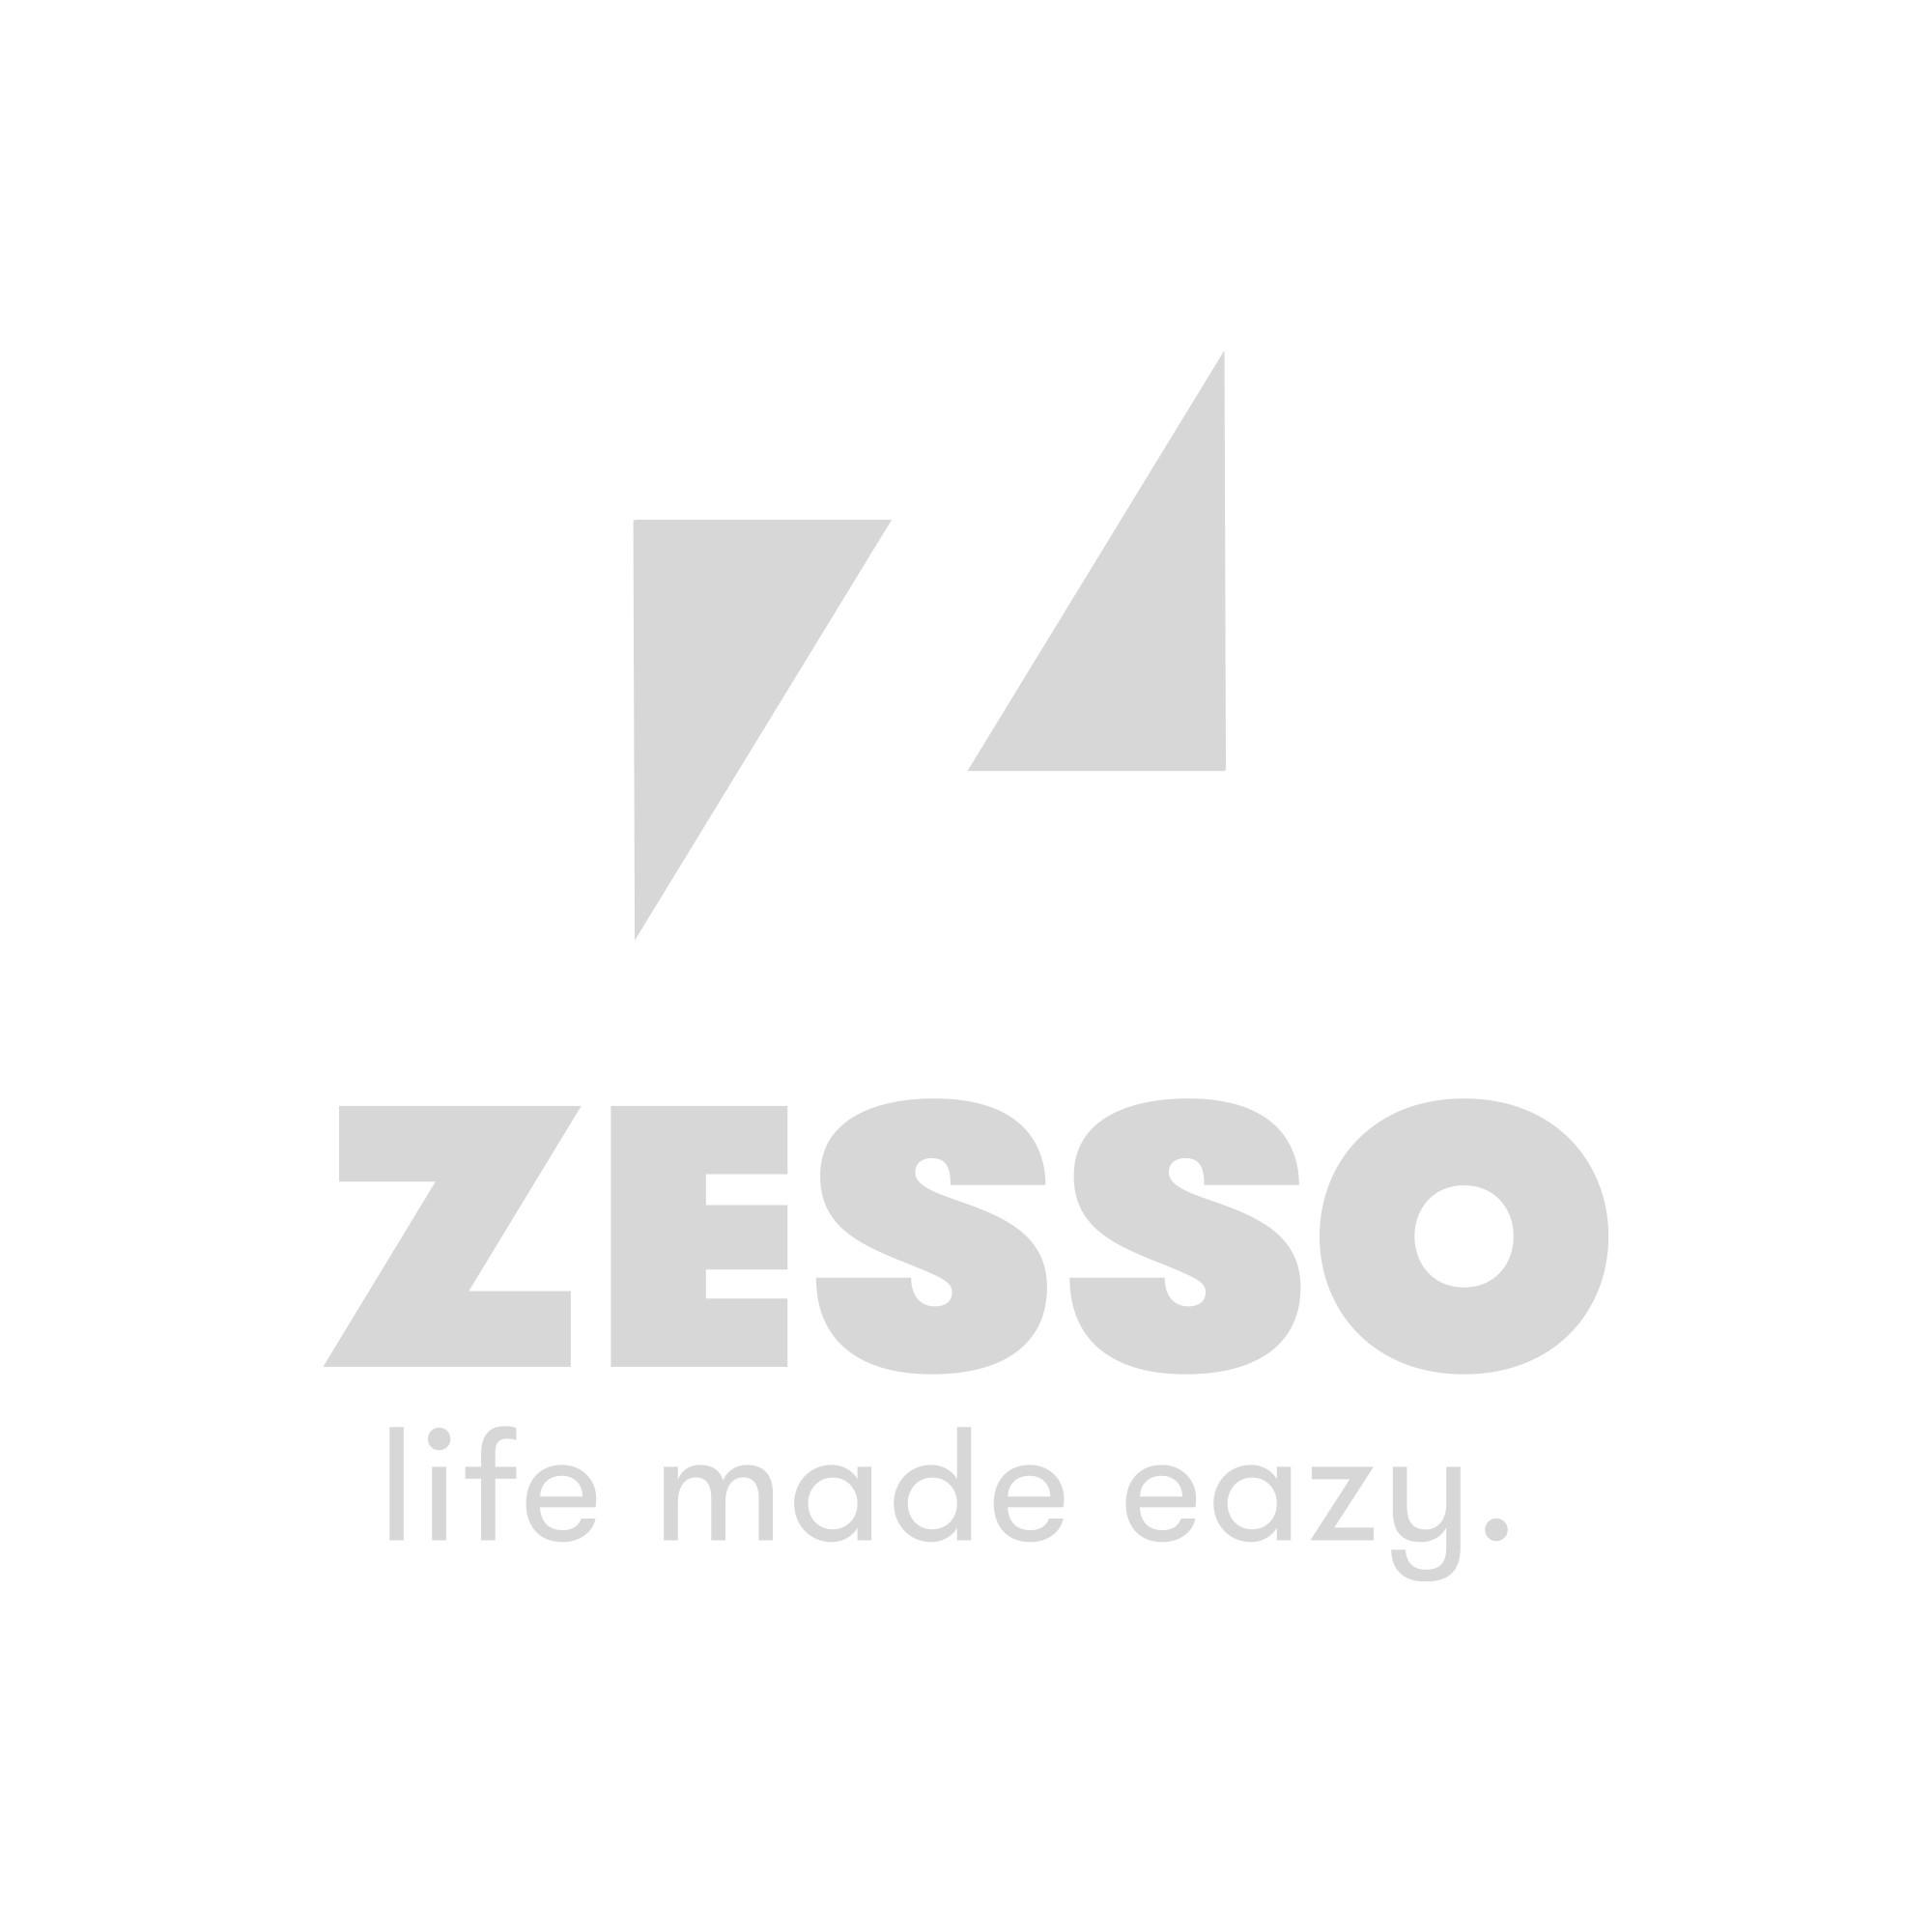 Livone Tapijt 120 cm x 180 cm Happy Rugs Decostar Grijs - Wit